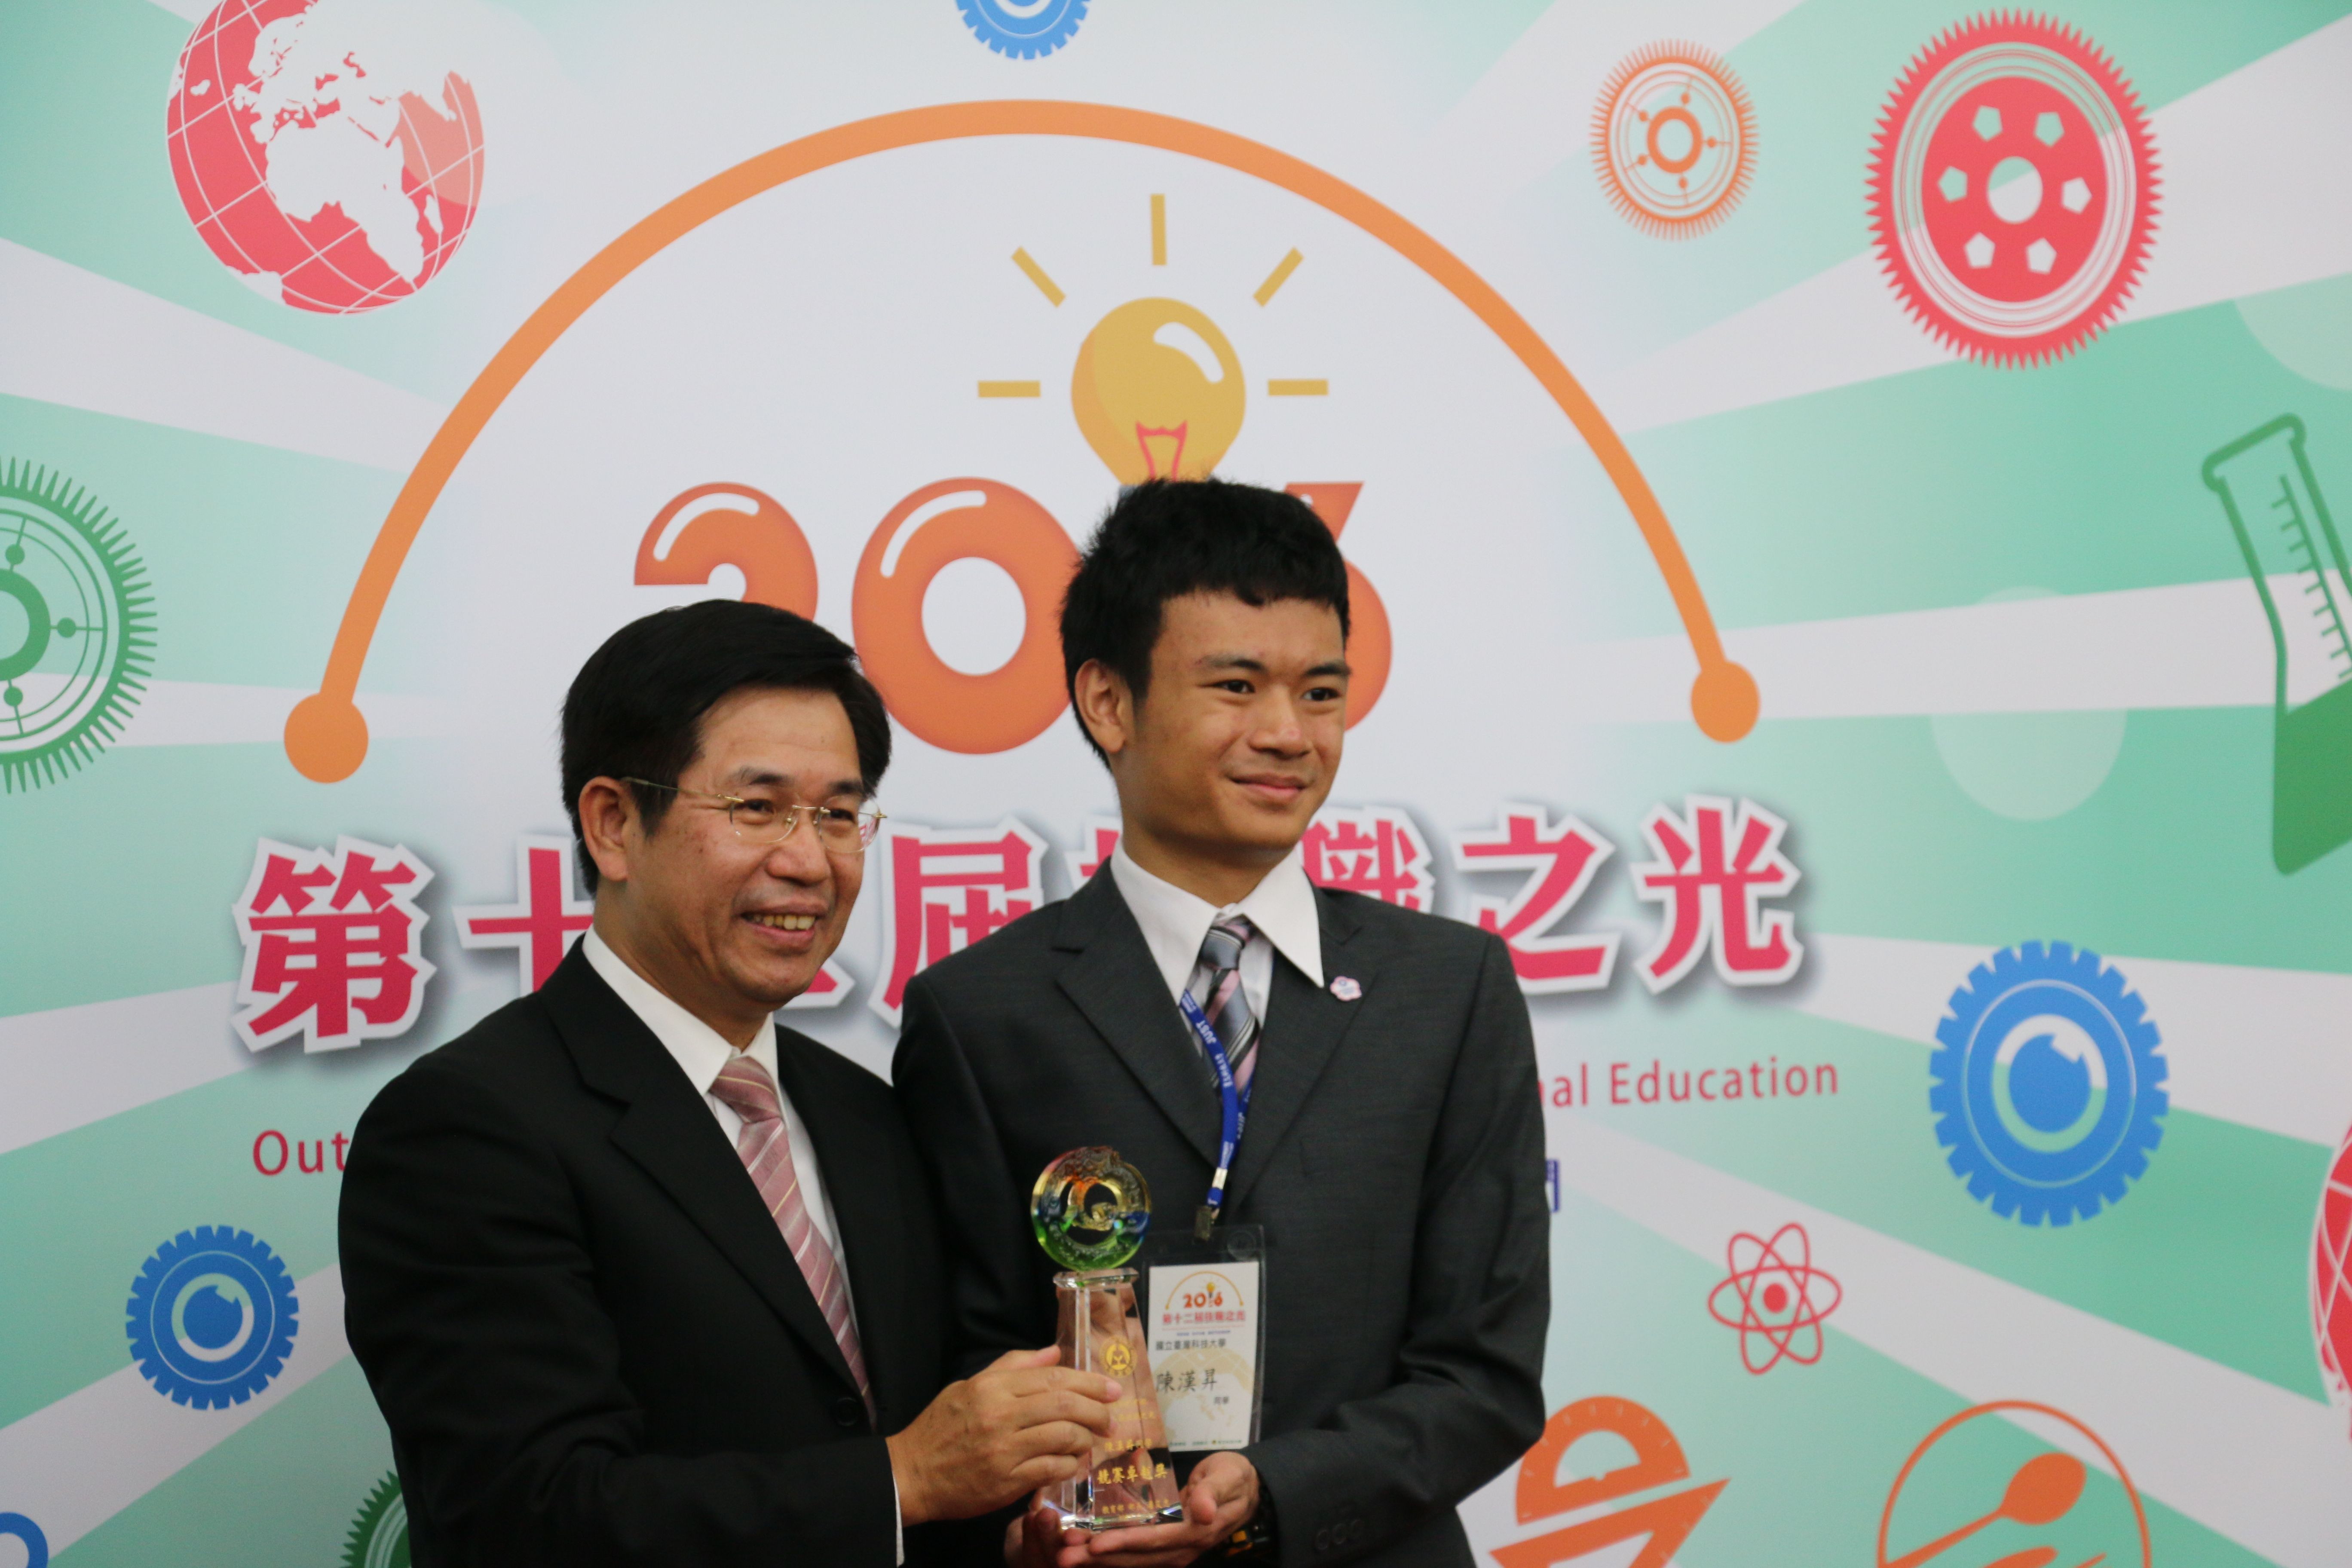 第9屆國際展能節職業技能競賽工業電子金牌陳漢昇。(圖/黃偉翔攝影)